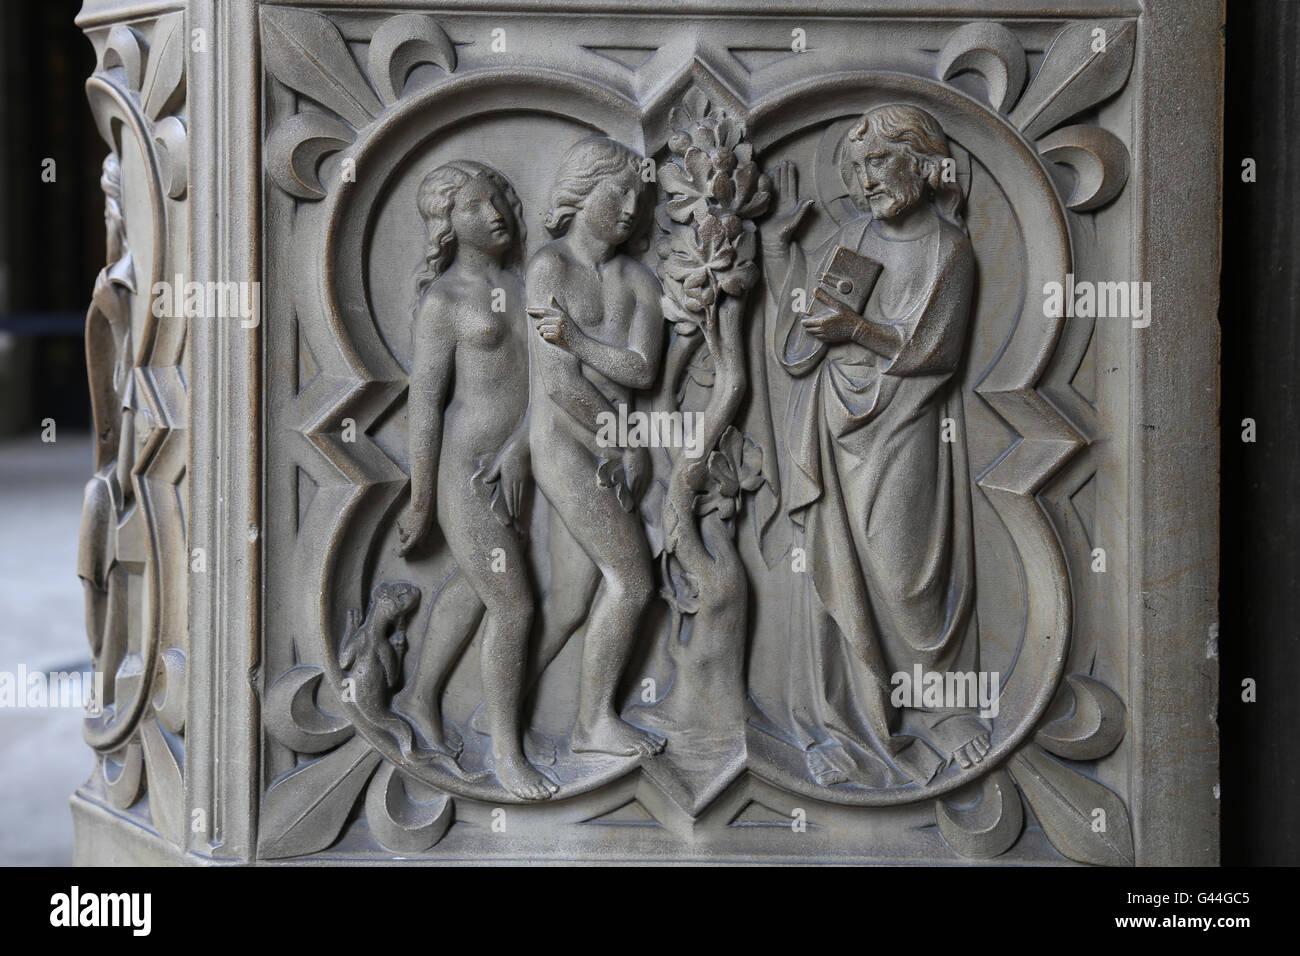 Adamo ed Eva nel Paradiso. Sollievo. Genesi. Xiii c. La Sainte-Chapelle, Parigi, Francia. Immagini Stock